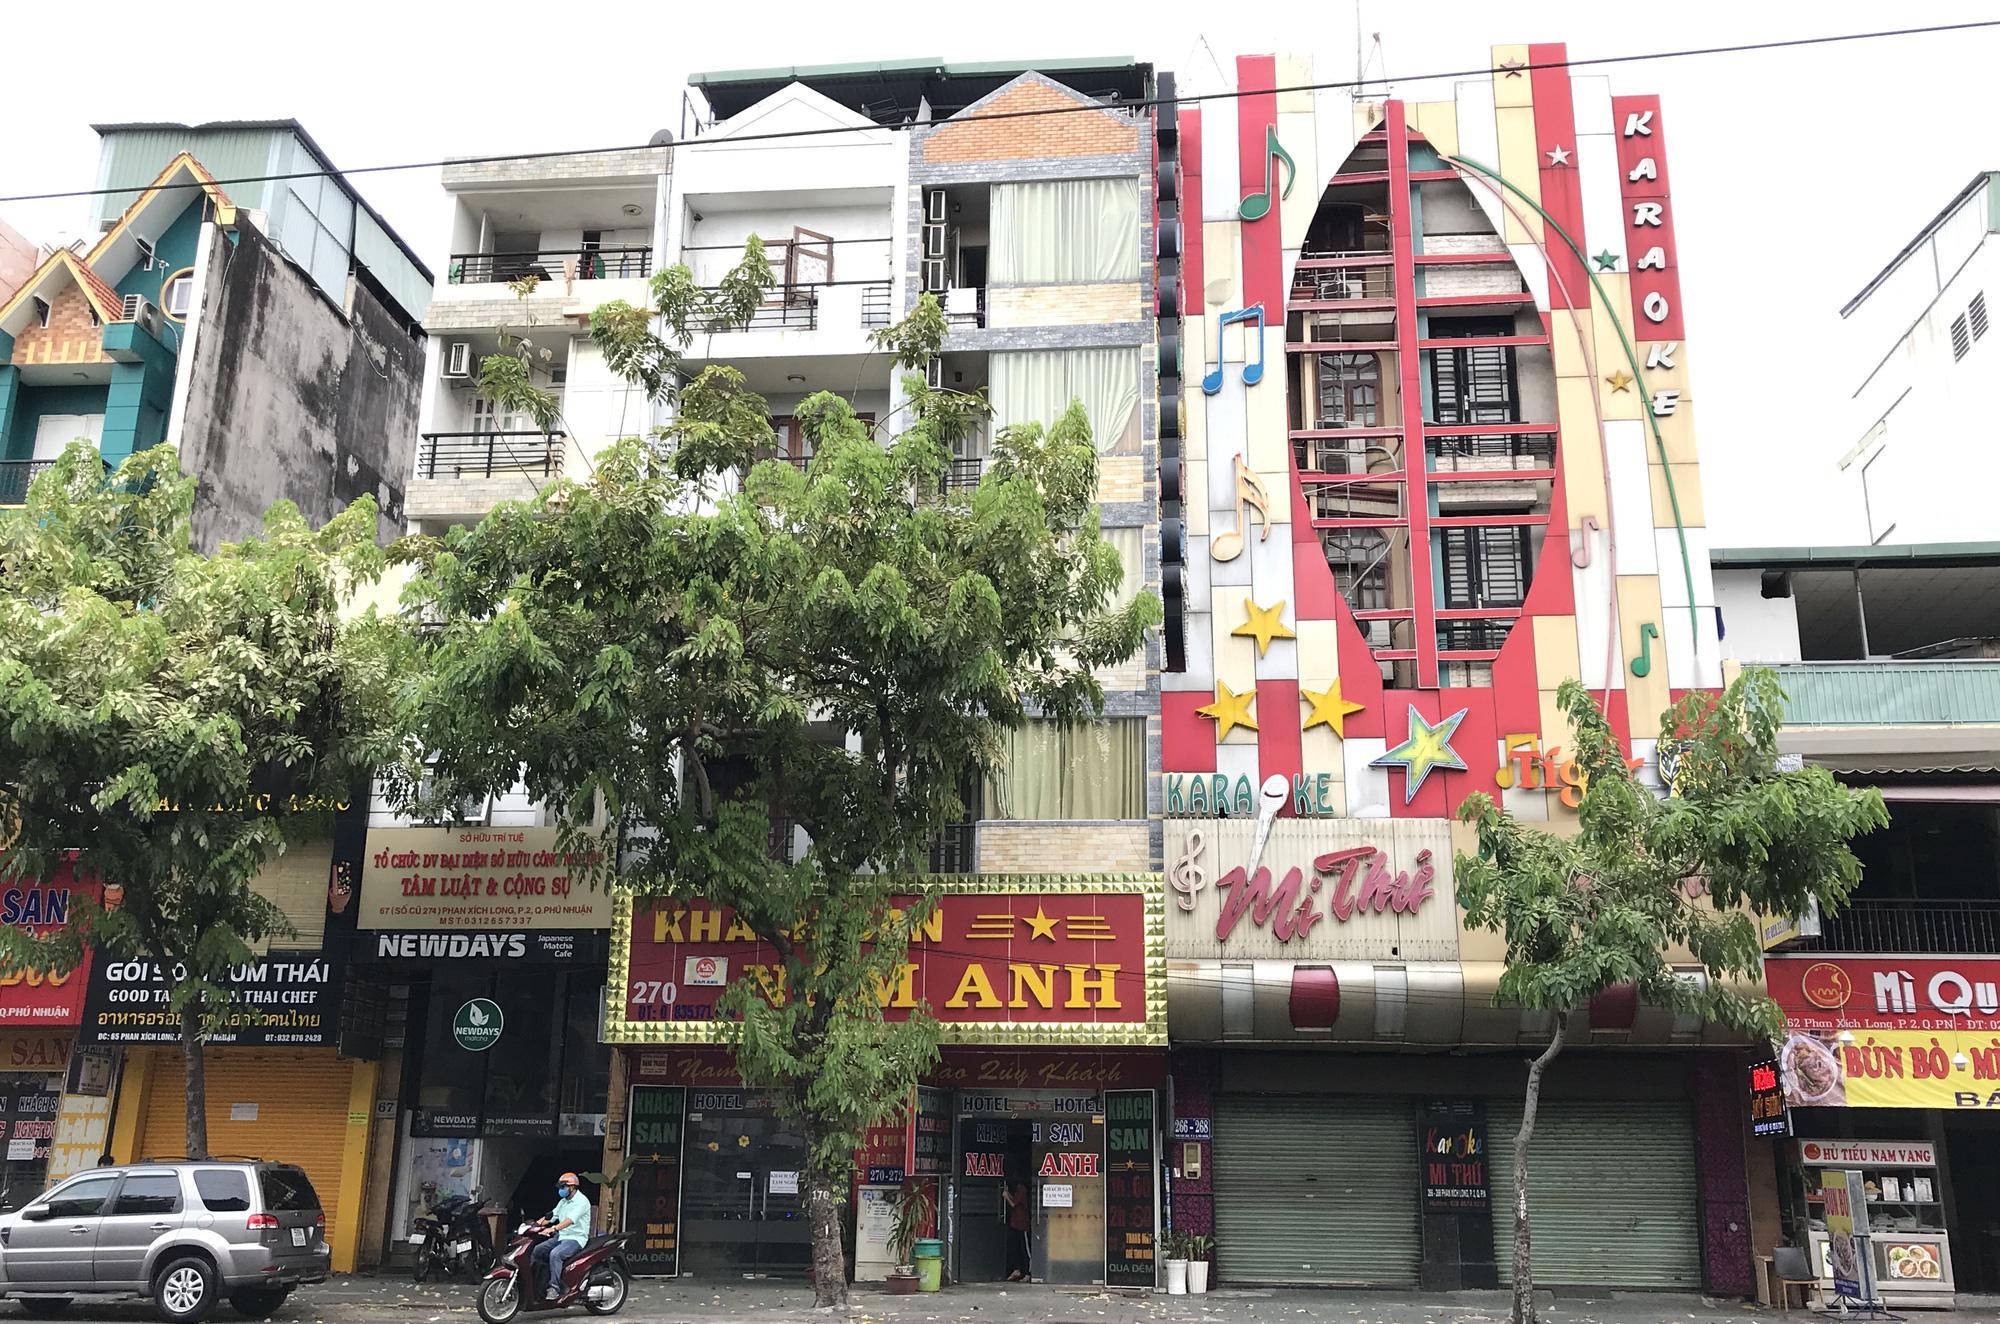 Cửa hàng, quán ăn Sài Gòn nín thở chờ lệnh cách li xã hội - Ảnh 1.